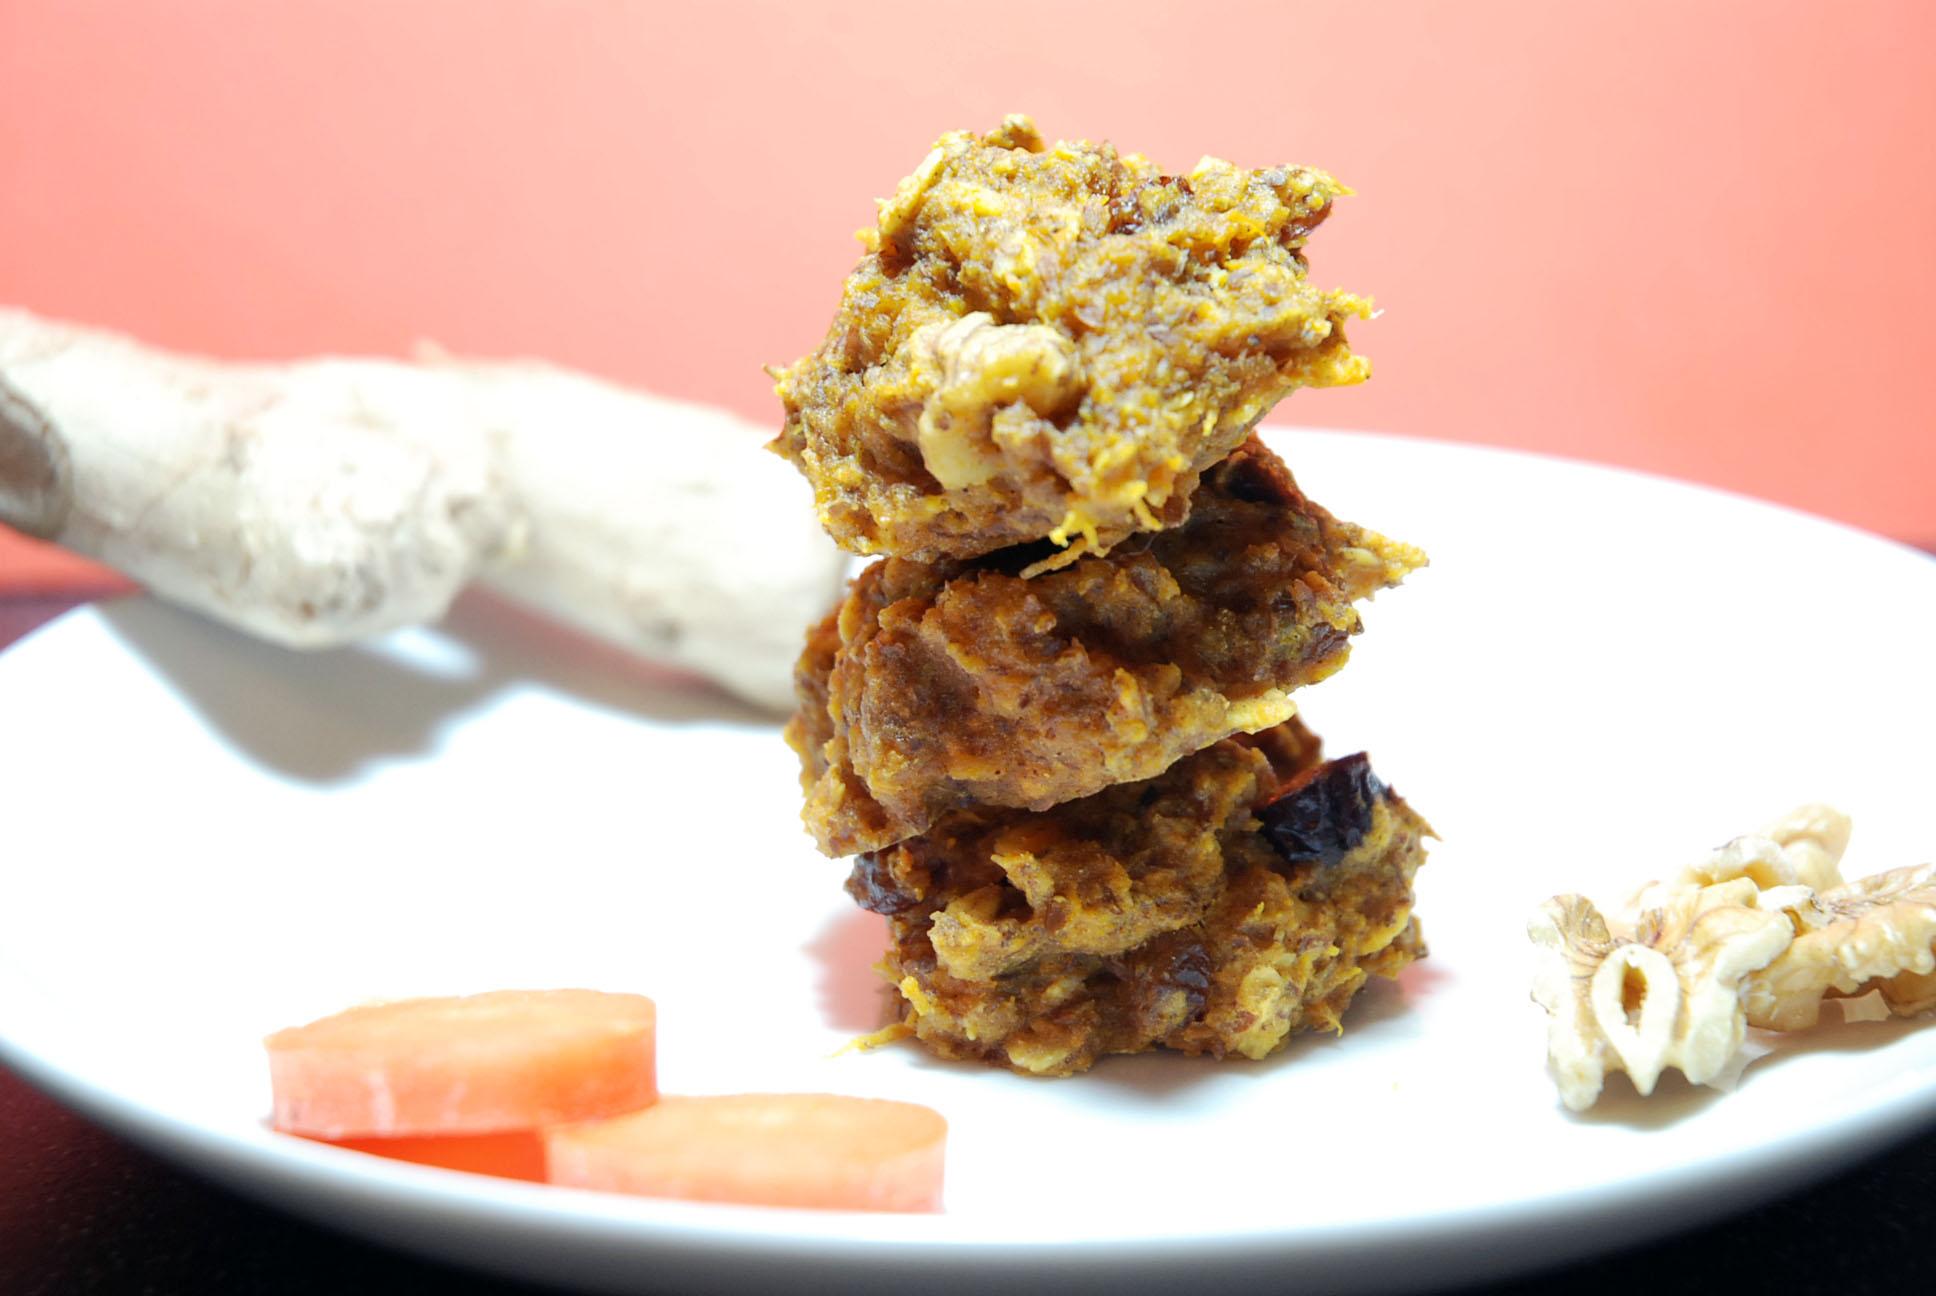 Karotten-Frühstückscookies / Carrot breakfast cookies